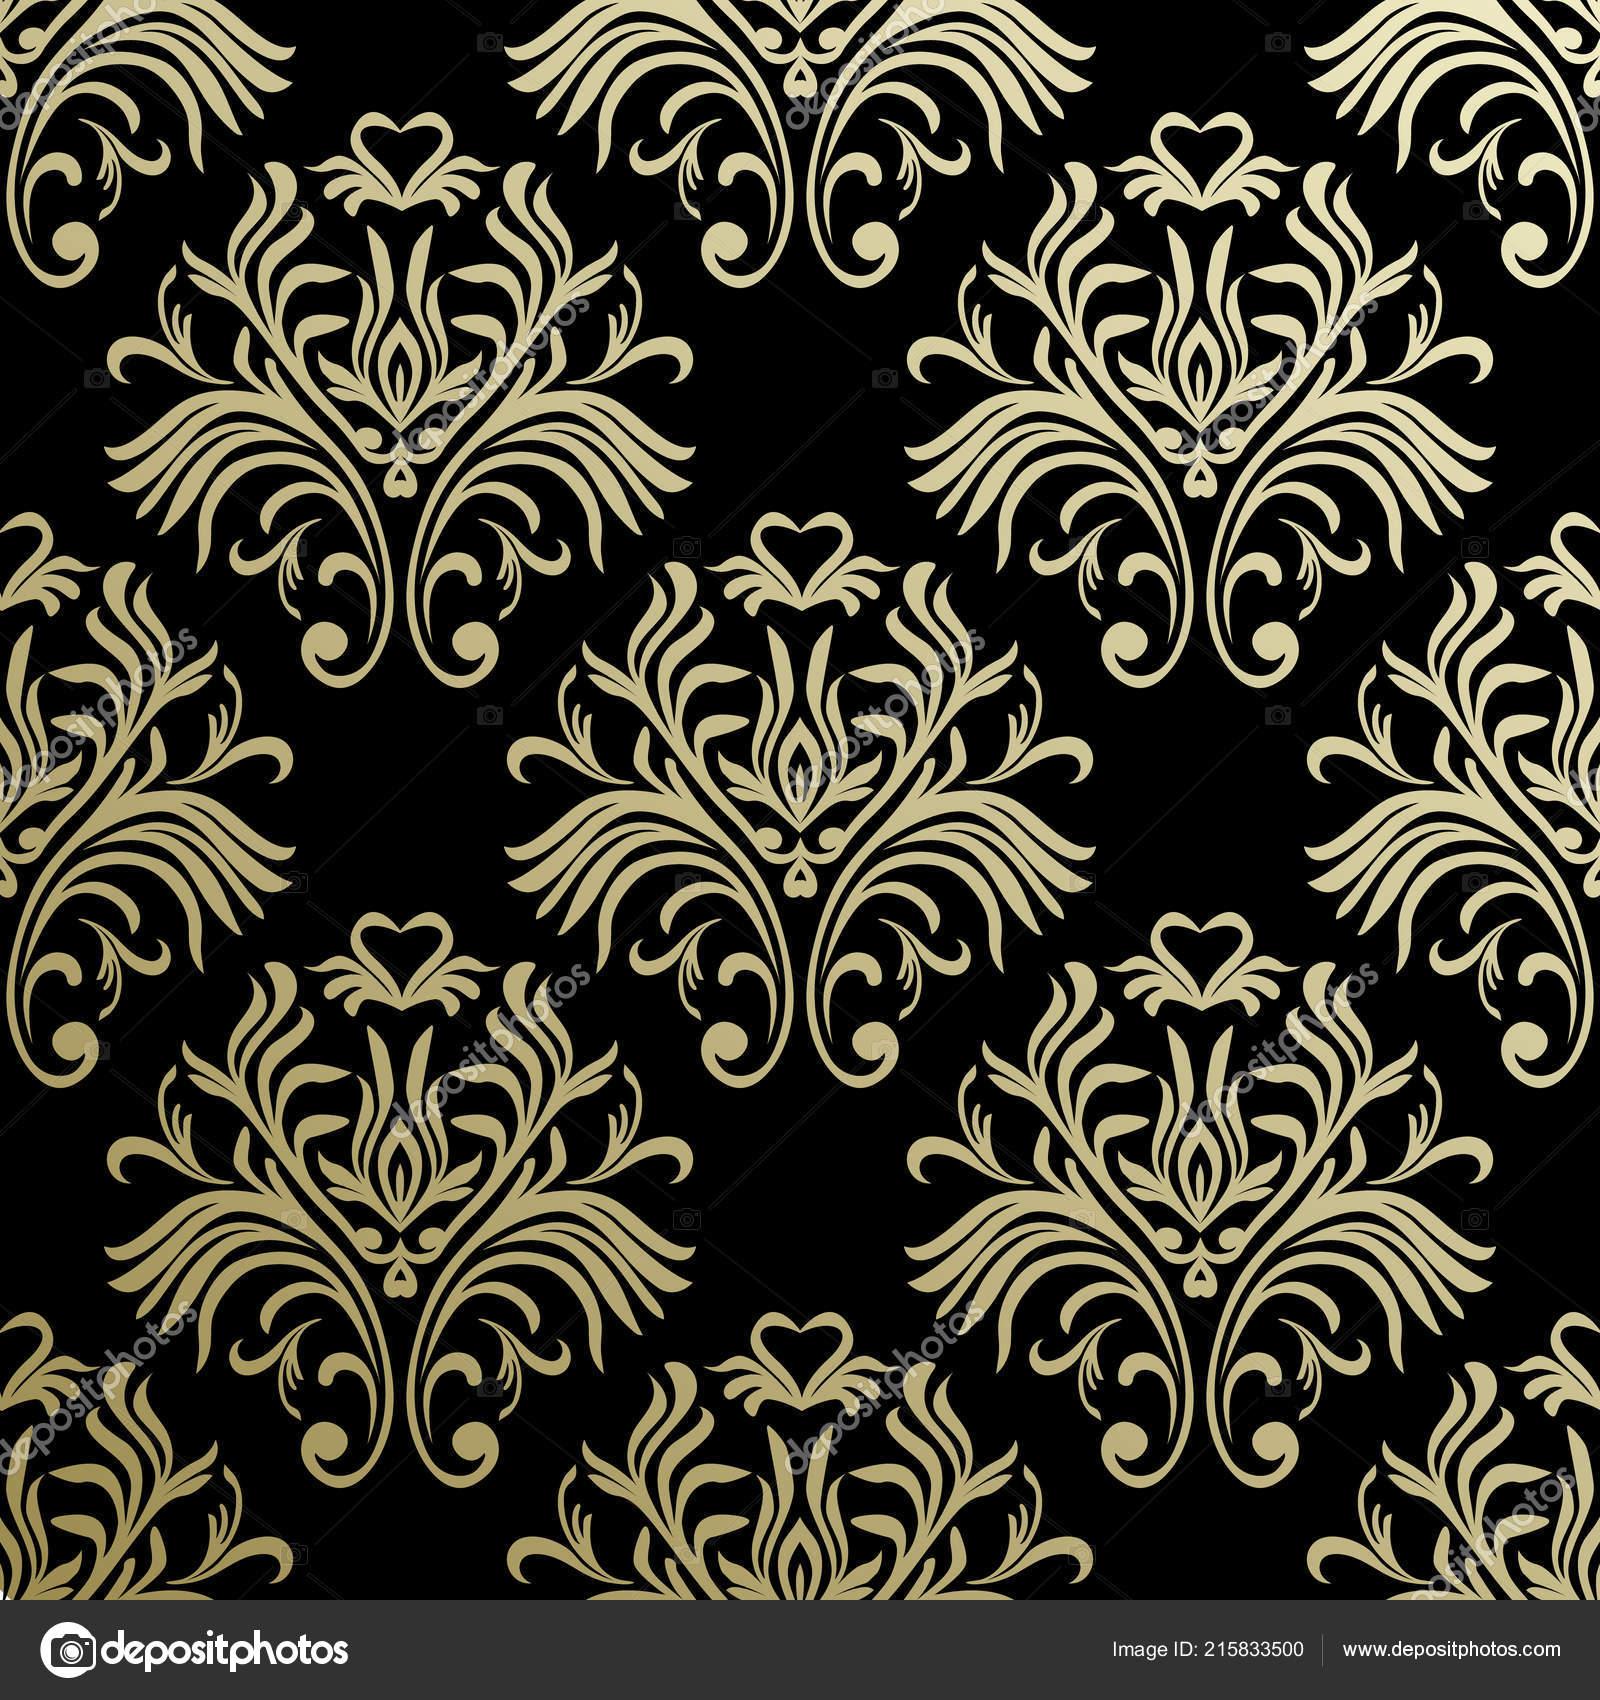 Vintage Nahtlose Muster Floral Verzierte Tapete Dunkle Vektor Damast